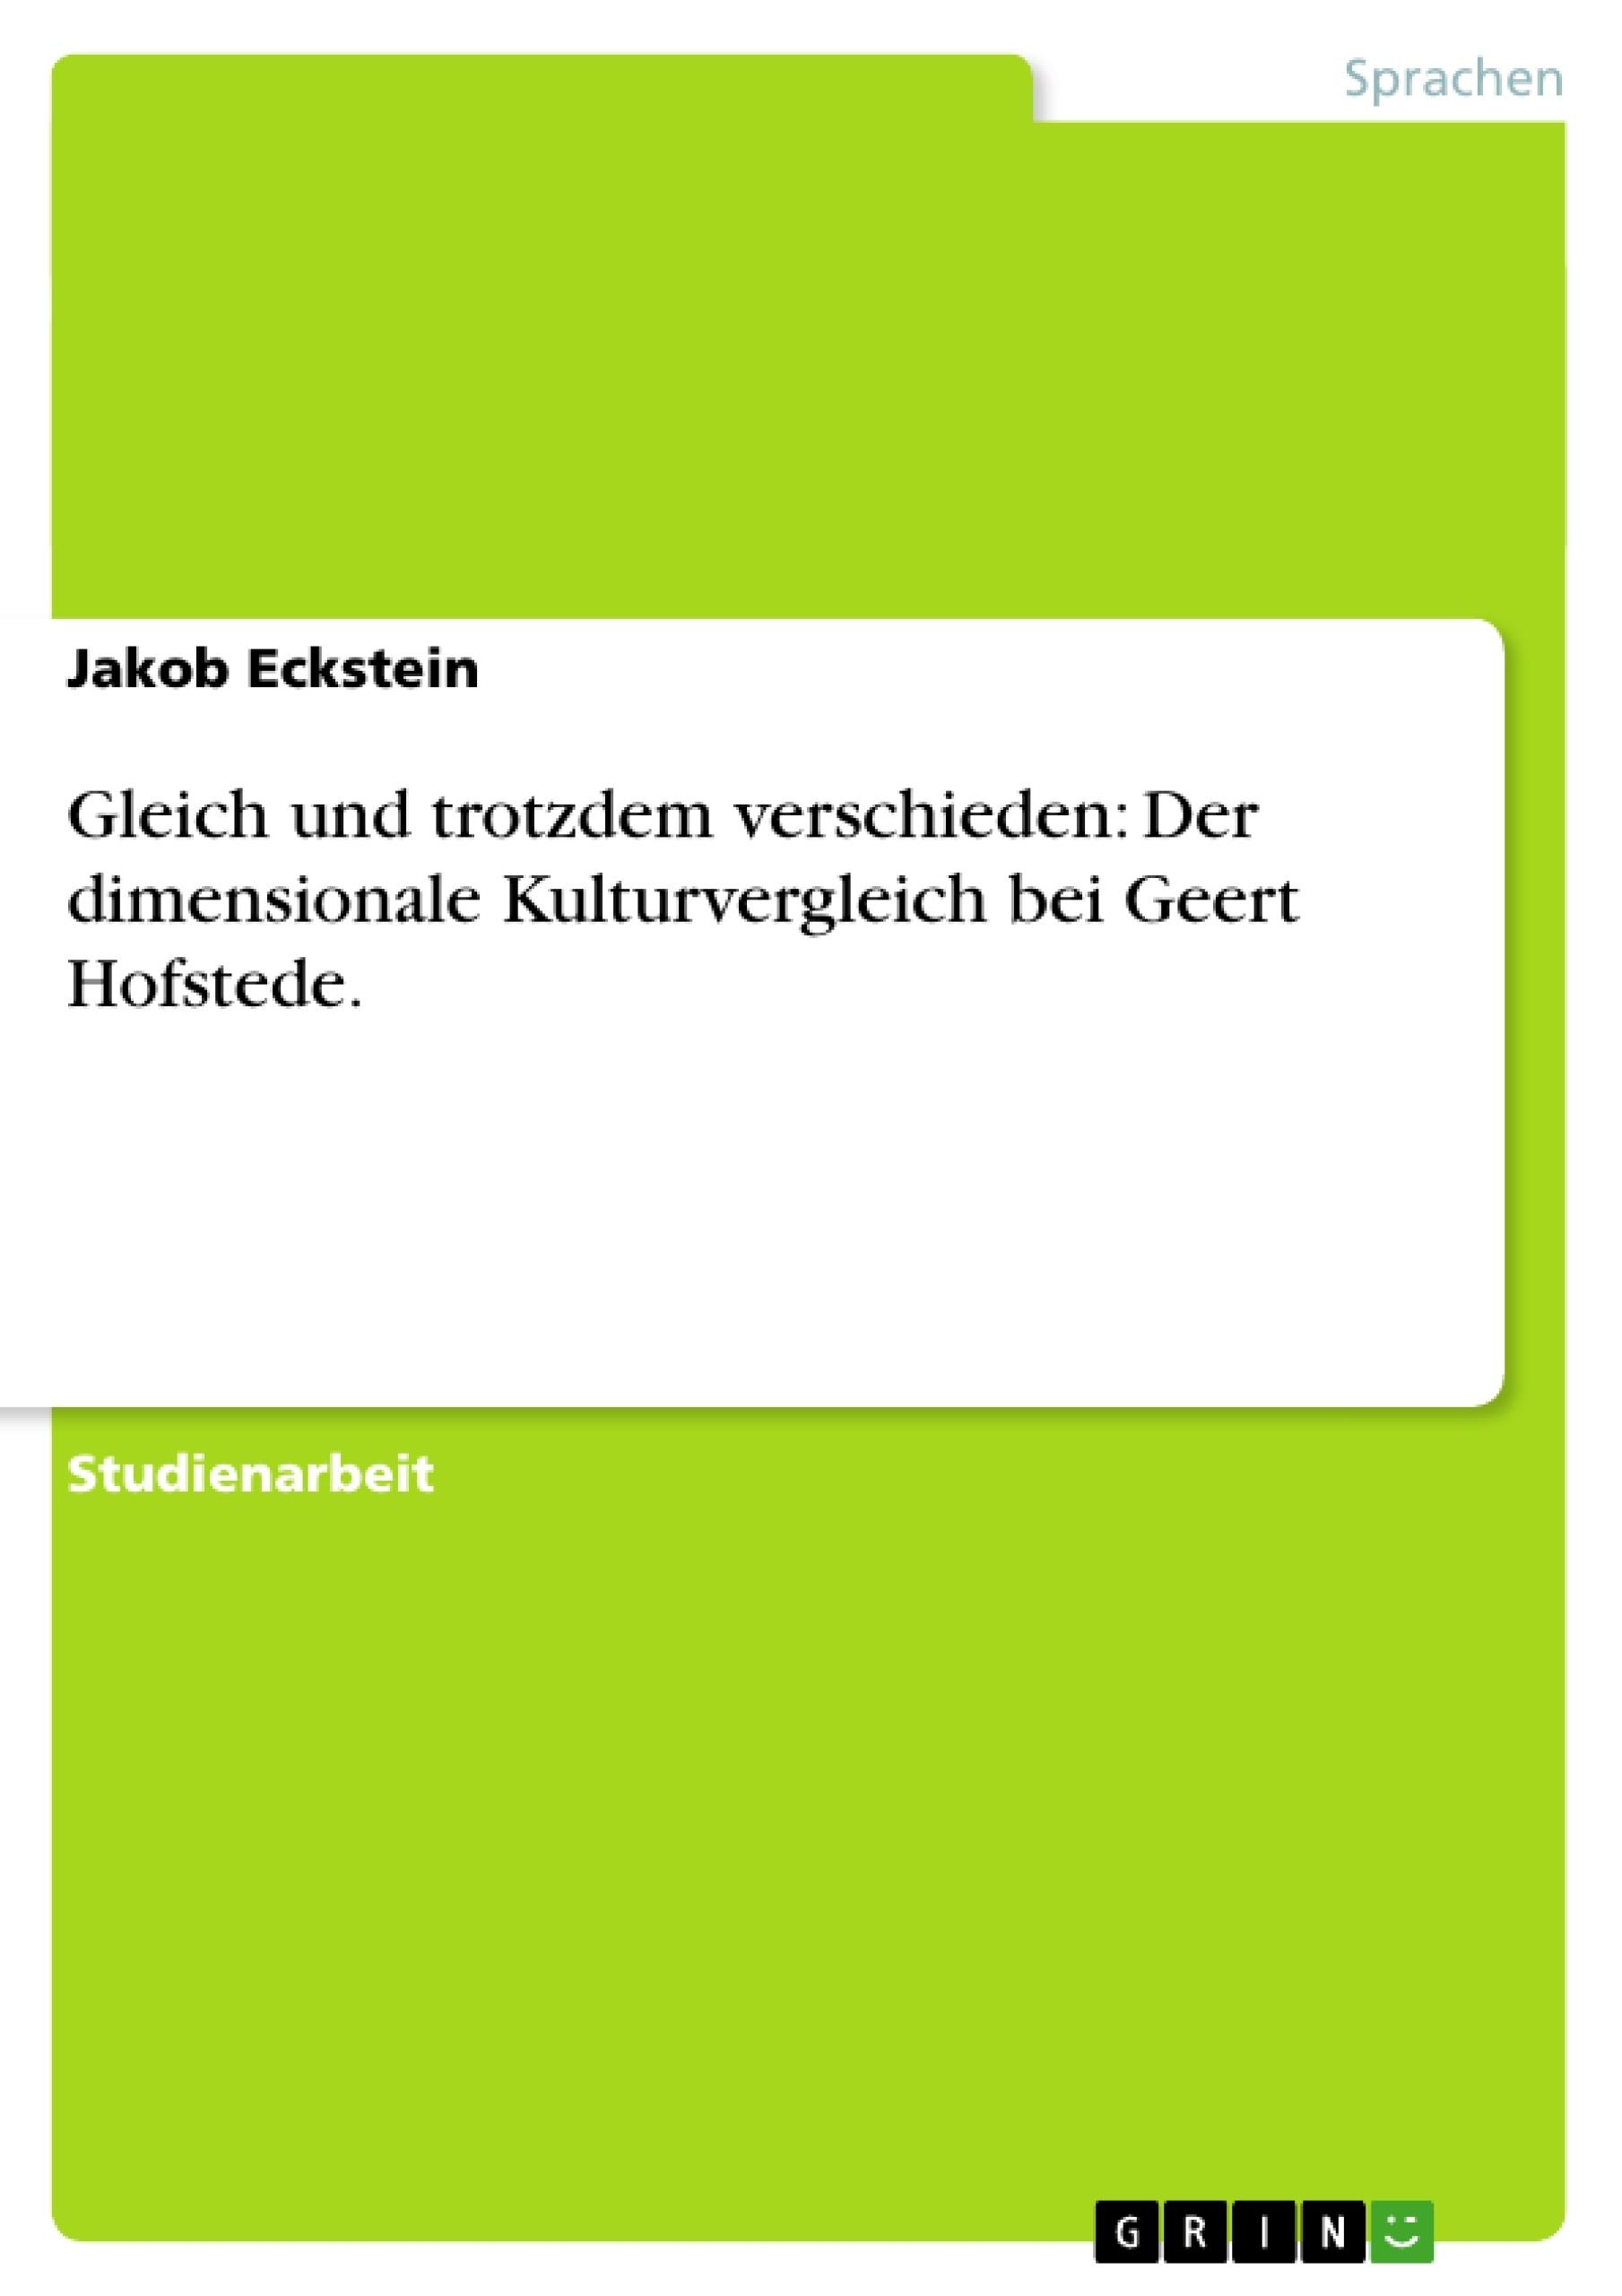 Titel: Gleich und trotzdem verschieden: Der dimensionale Kulturvergleich bei Geert Hofstede.